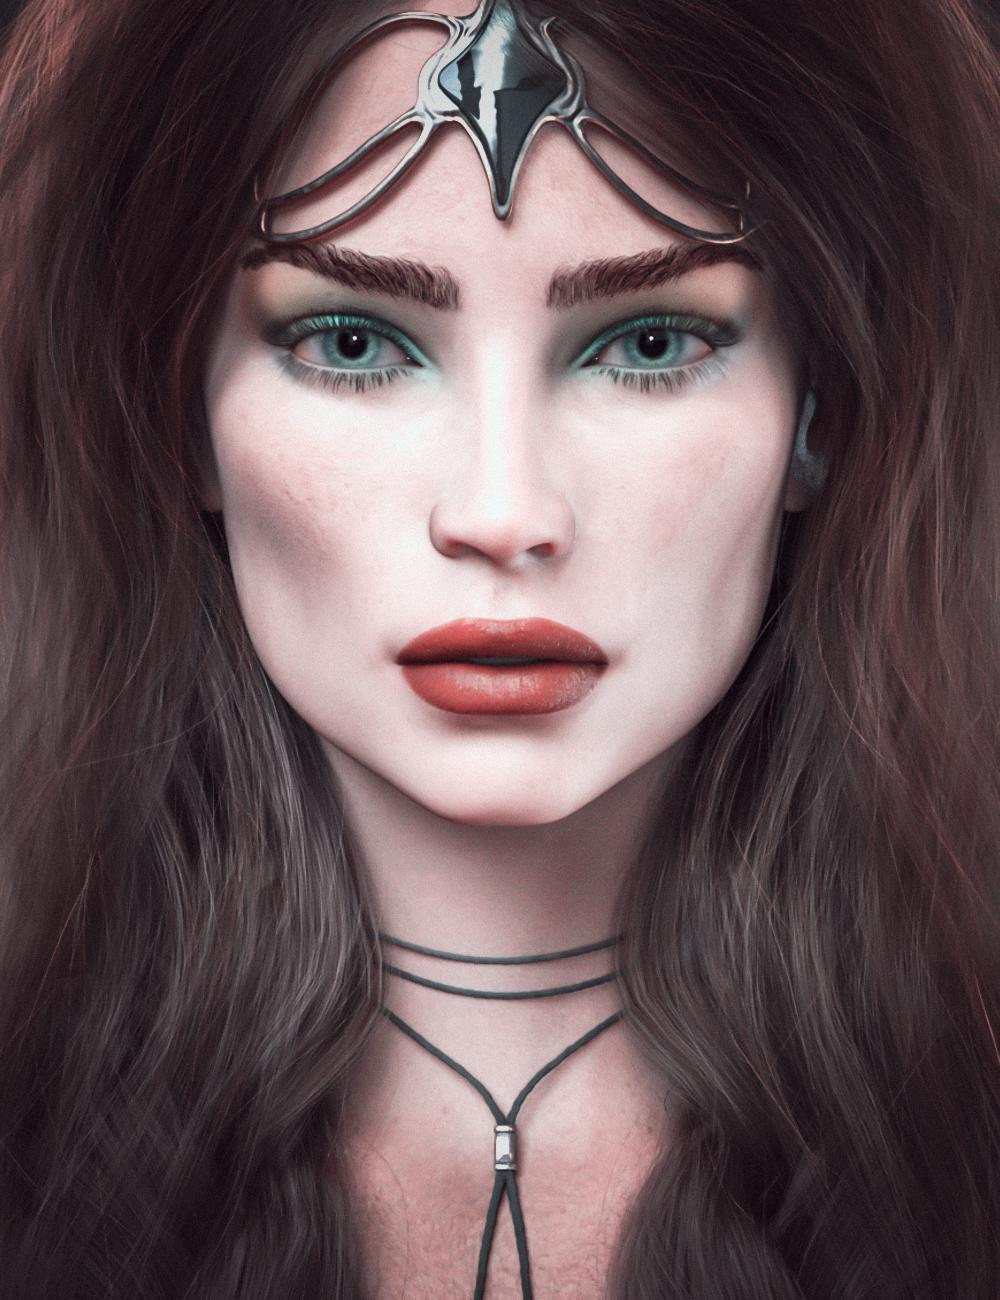 CB Katya HD For Genesis 8.1 Female by: CynderBlue, 3D Models by Daz 3D